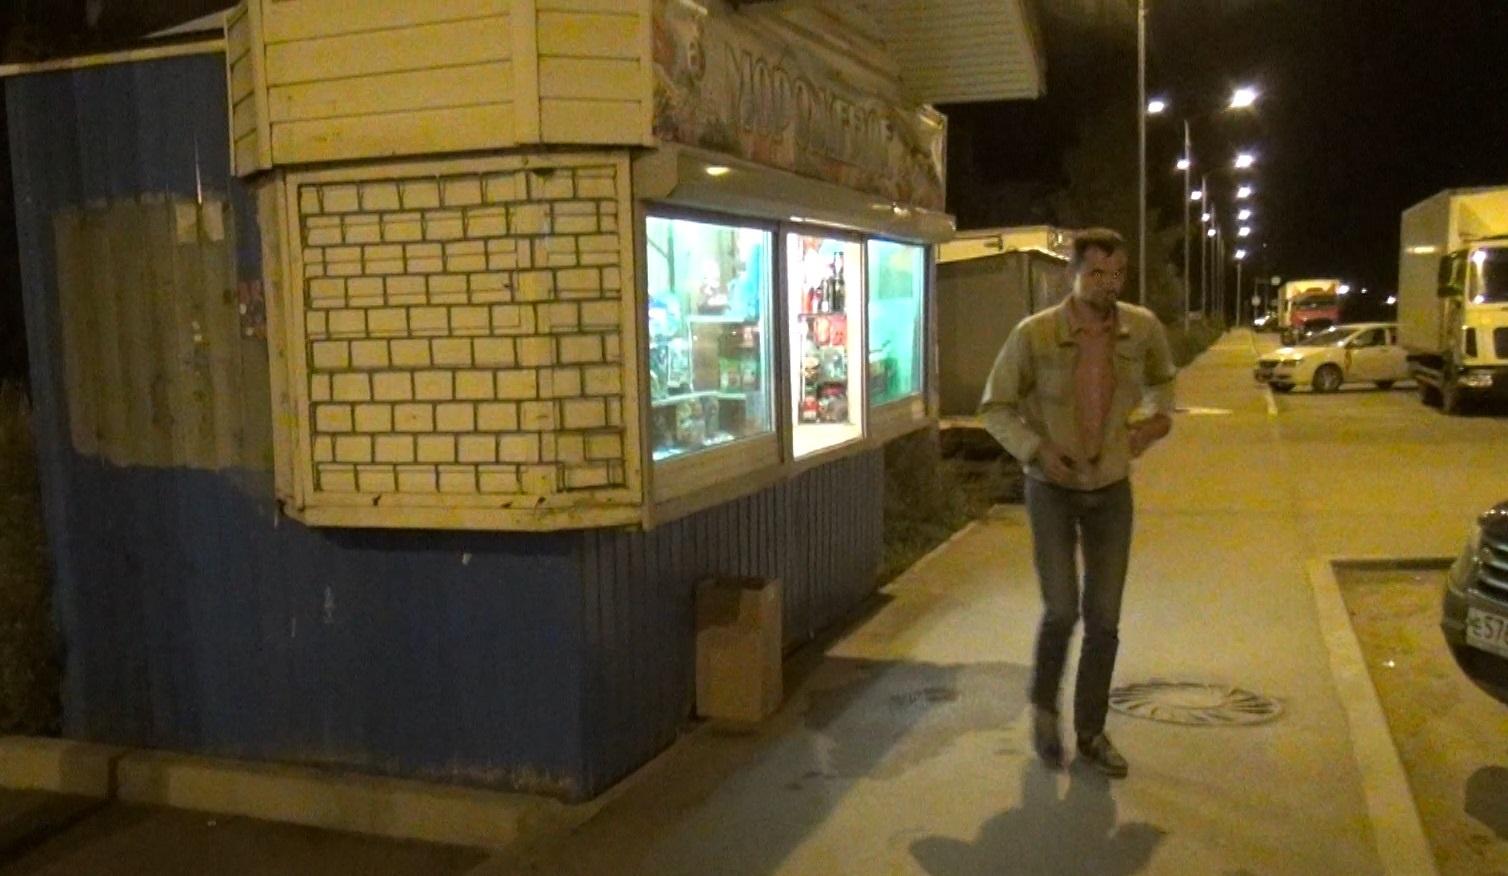 Ларек в Вологде незаконно продавал не только пиво, но и «тоник красного перца»